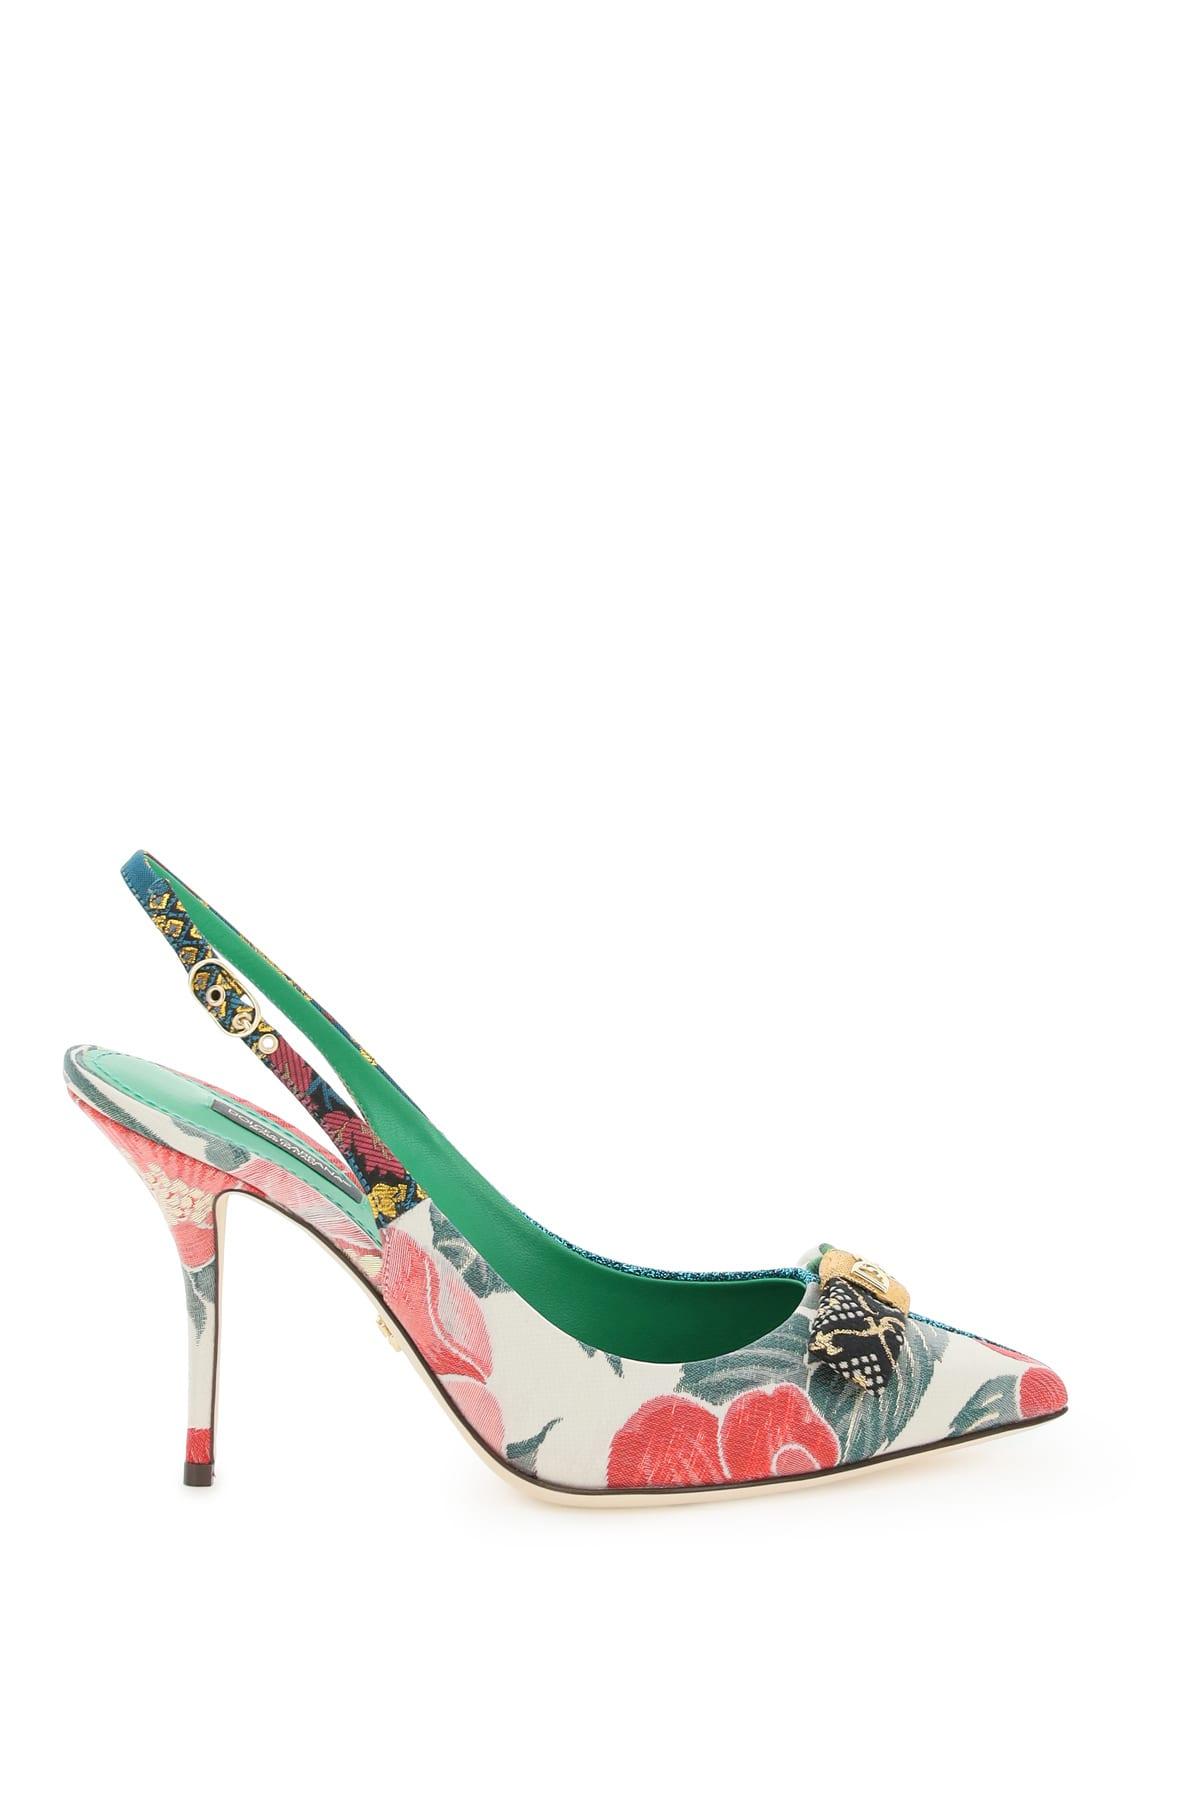 Dolce & Gabbana CARDINALE SLINGBACK PUMPS 16 PATCH